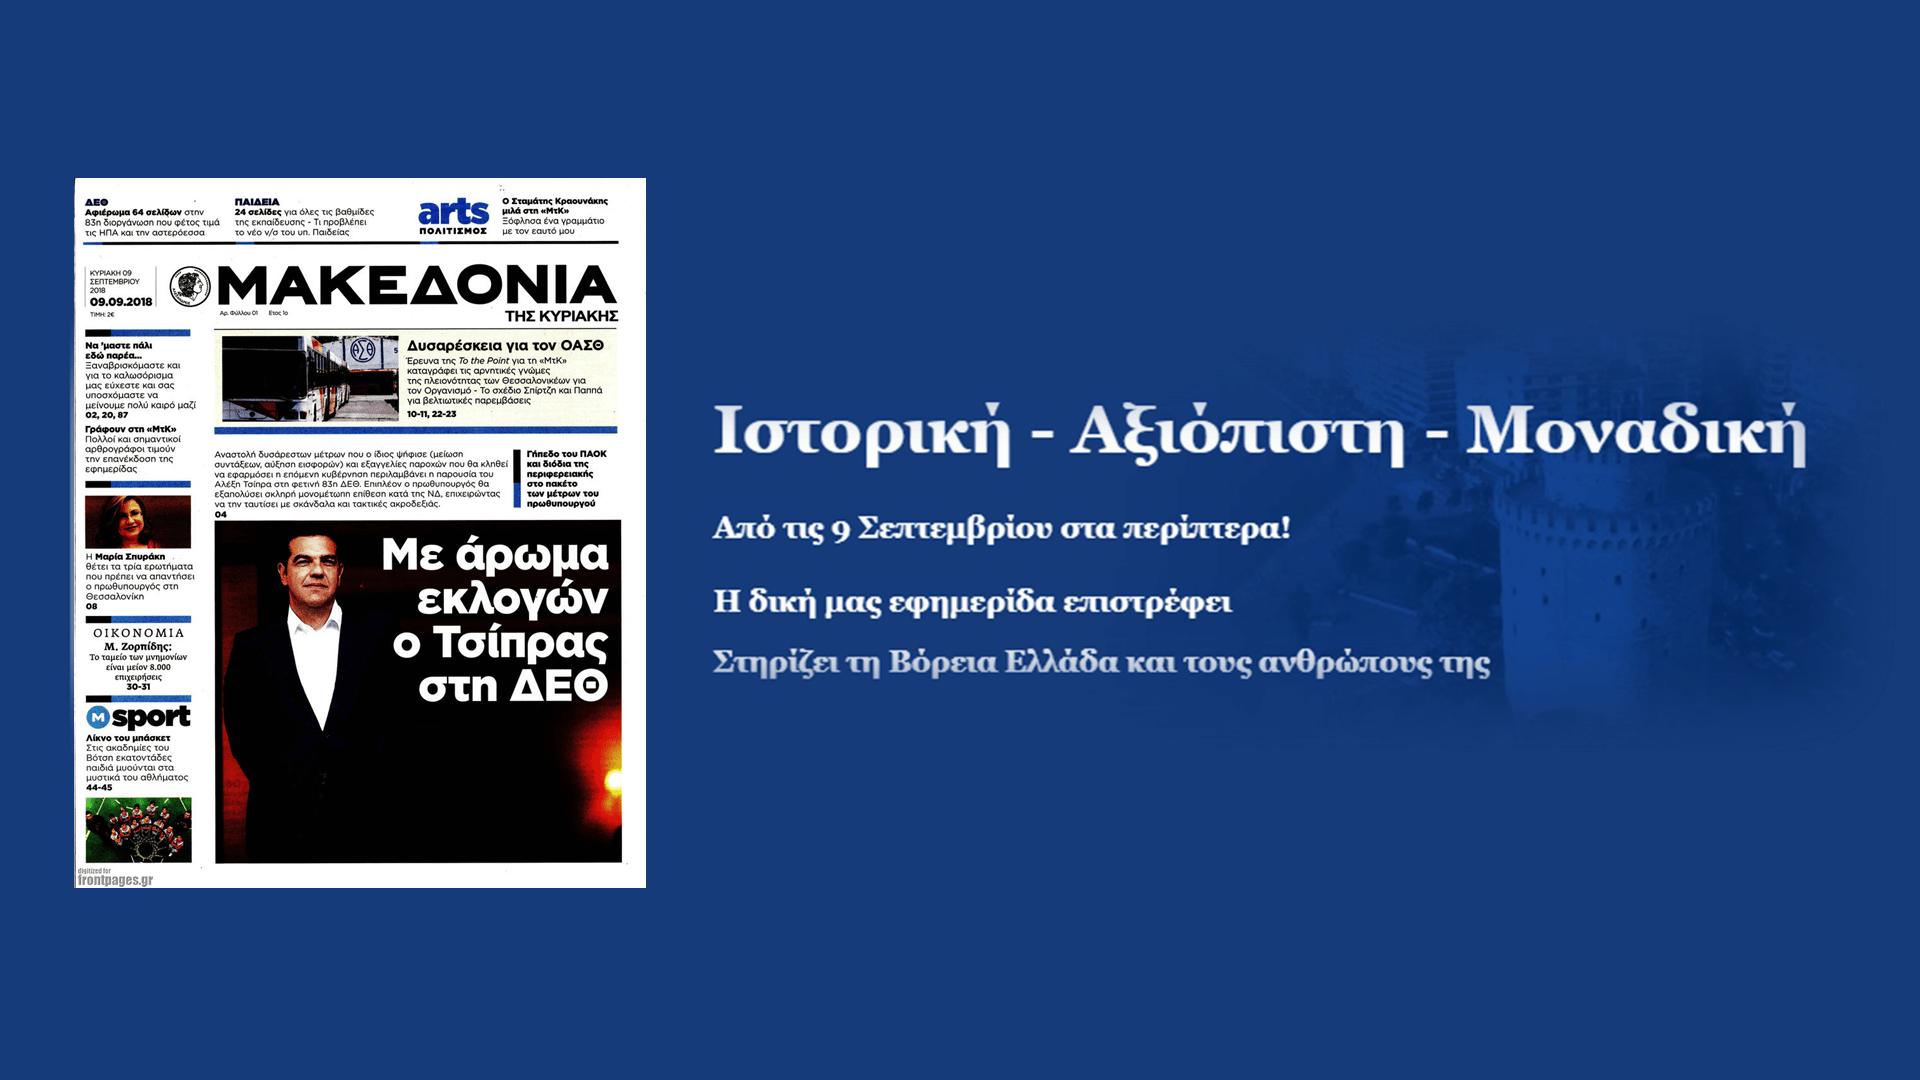 εφημεριδα μακεδονια ιστορικη αξιοπιστη